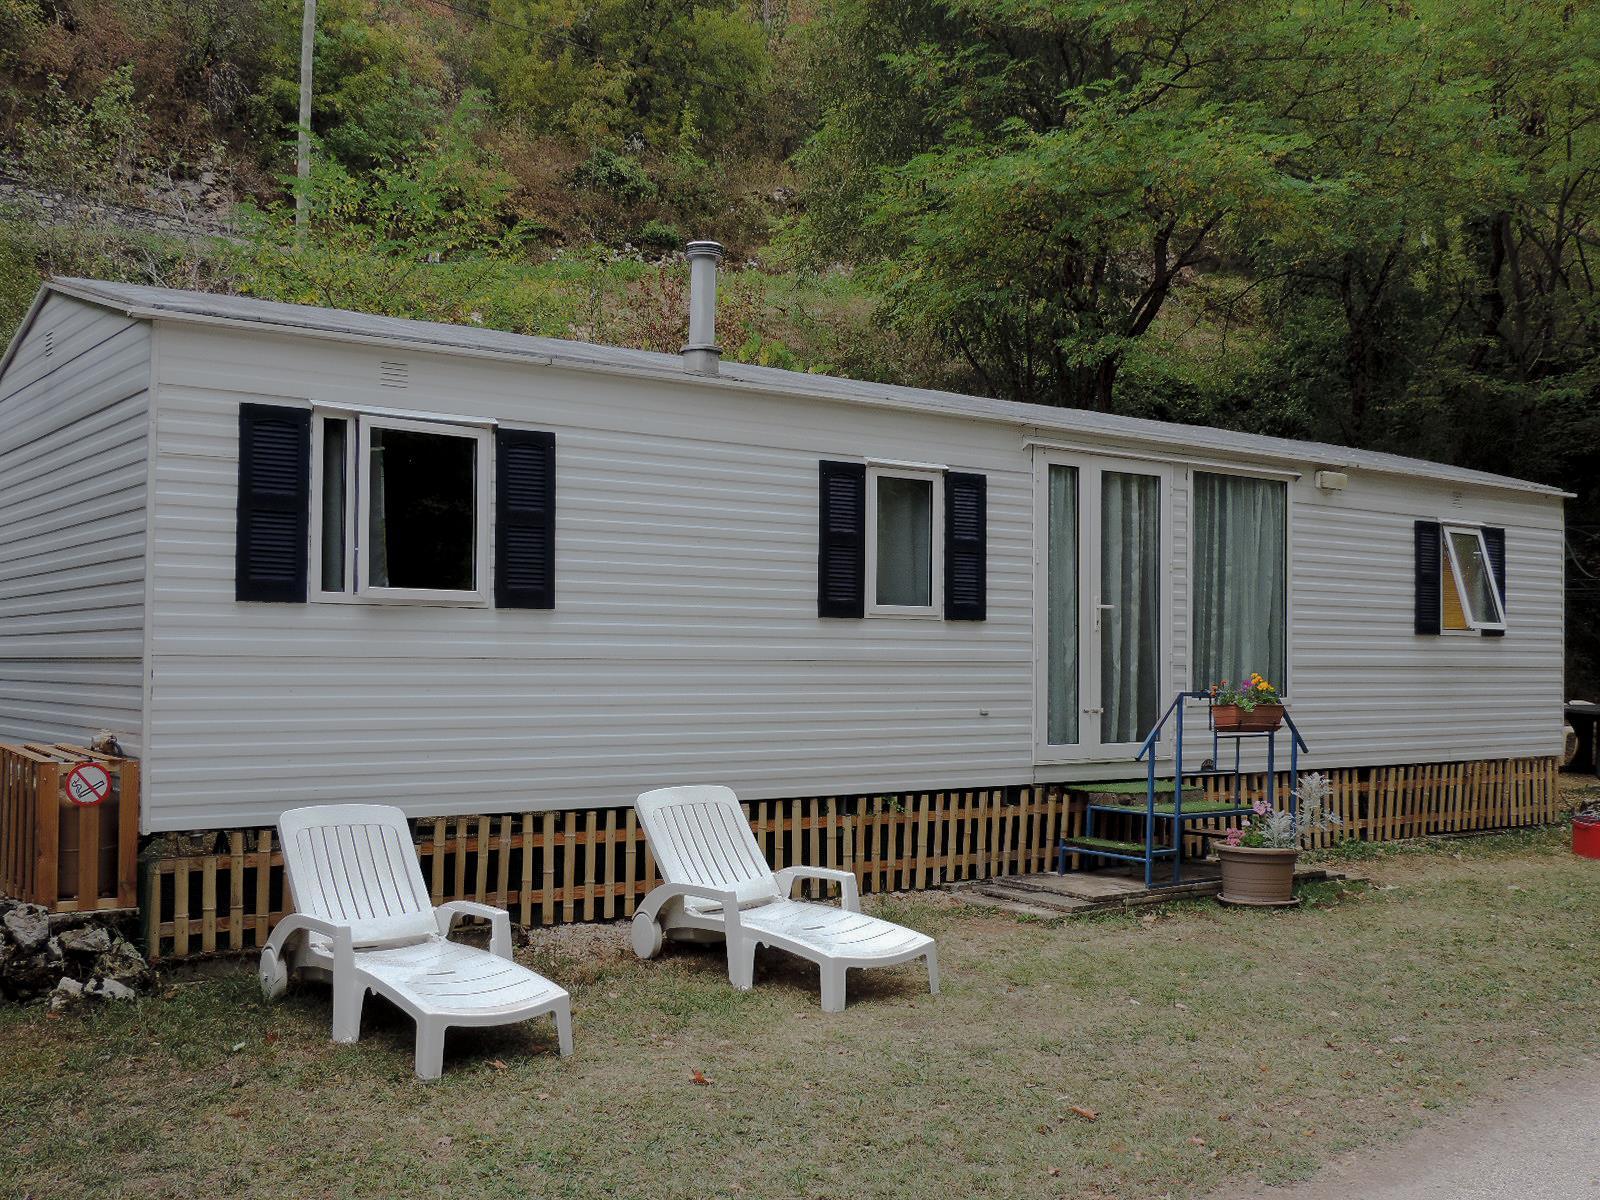 Notre mobil home Cottage (11,5 x 3,7m) - 3 chambres / 2 salles de bains